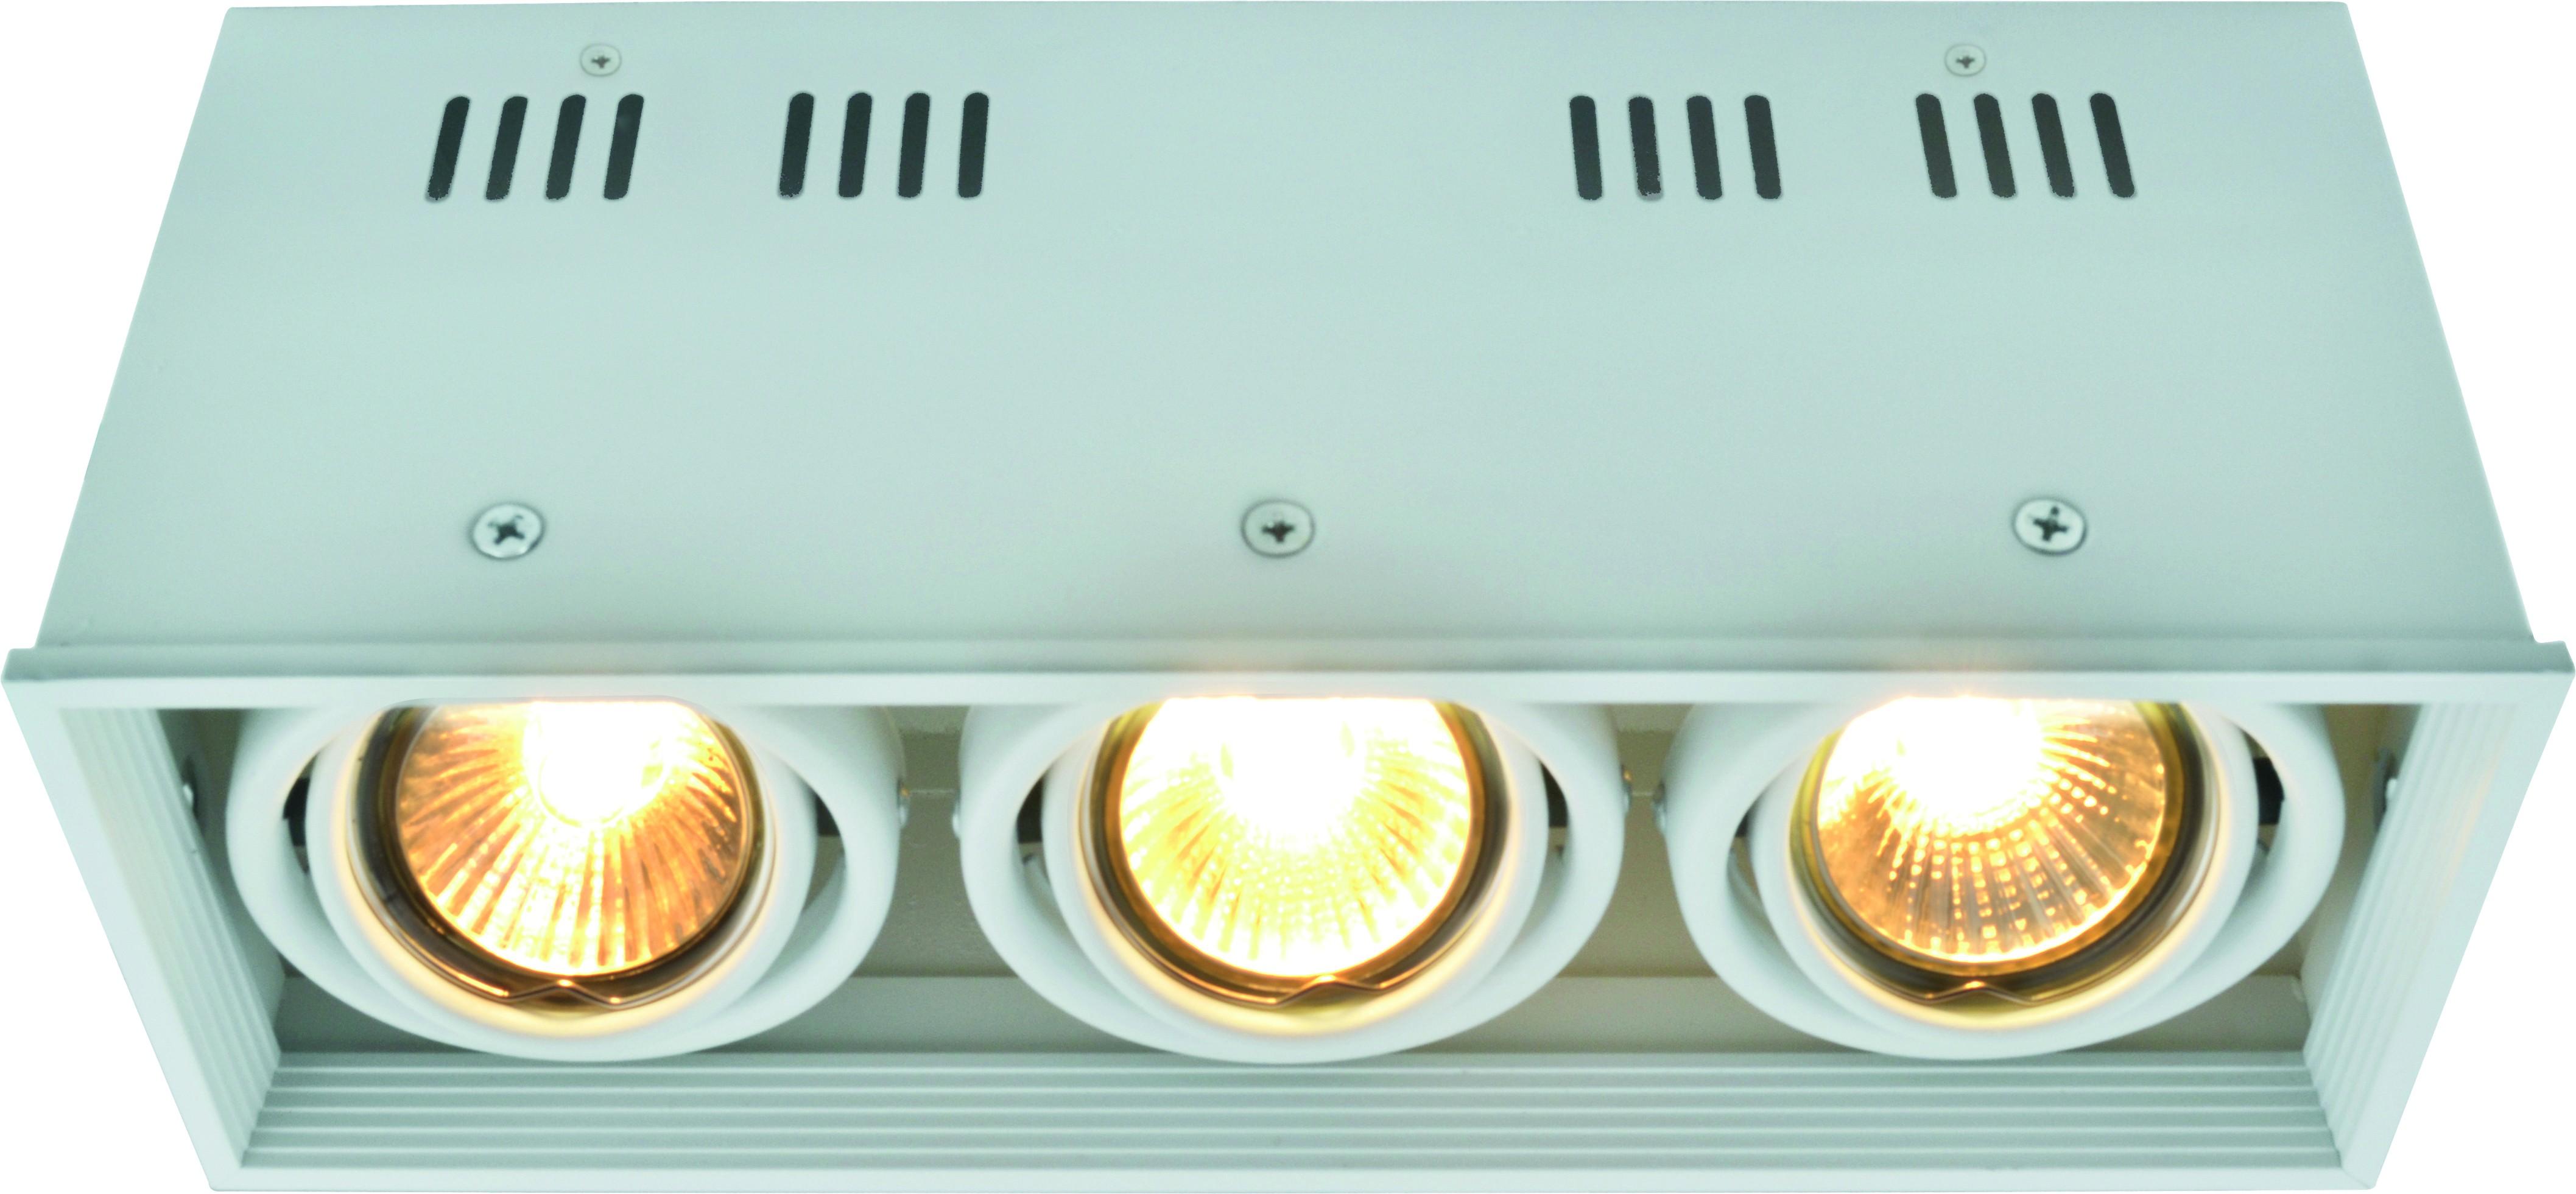 Светильник встраиваемый Arte lamp A5942pl-3wh накладной светильник arte lamp cardani a5942pl 3wh